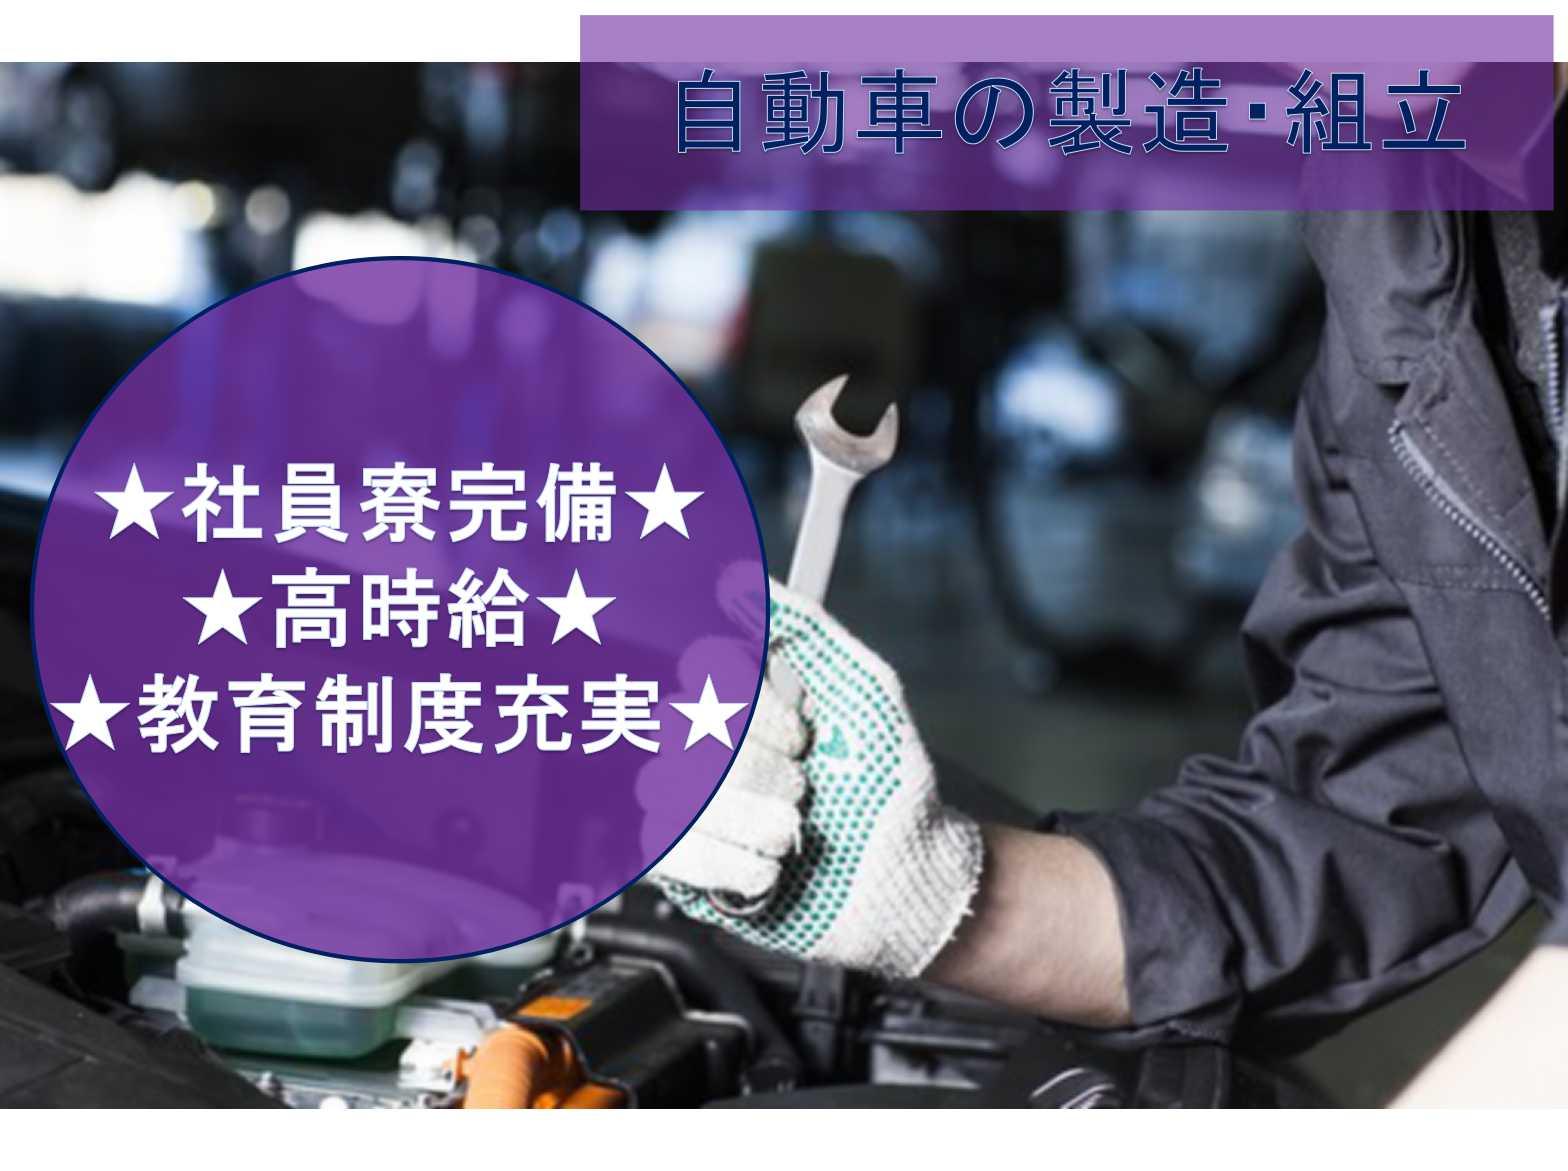 【正社員】社員寮完備◆高時給◆自動車の製造・組立◆ イメージ